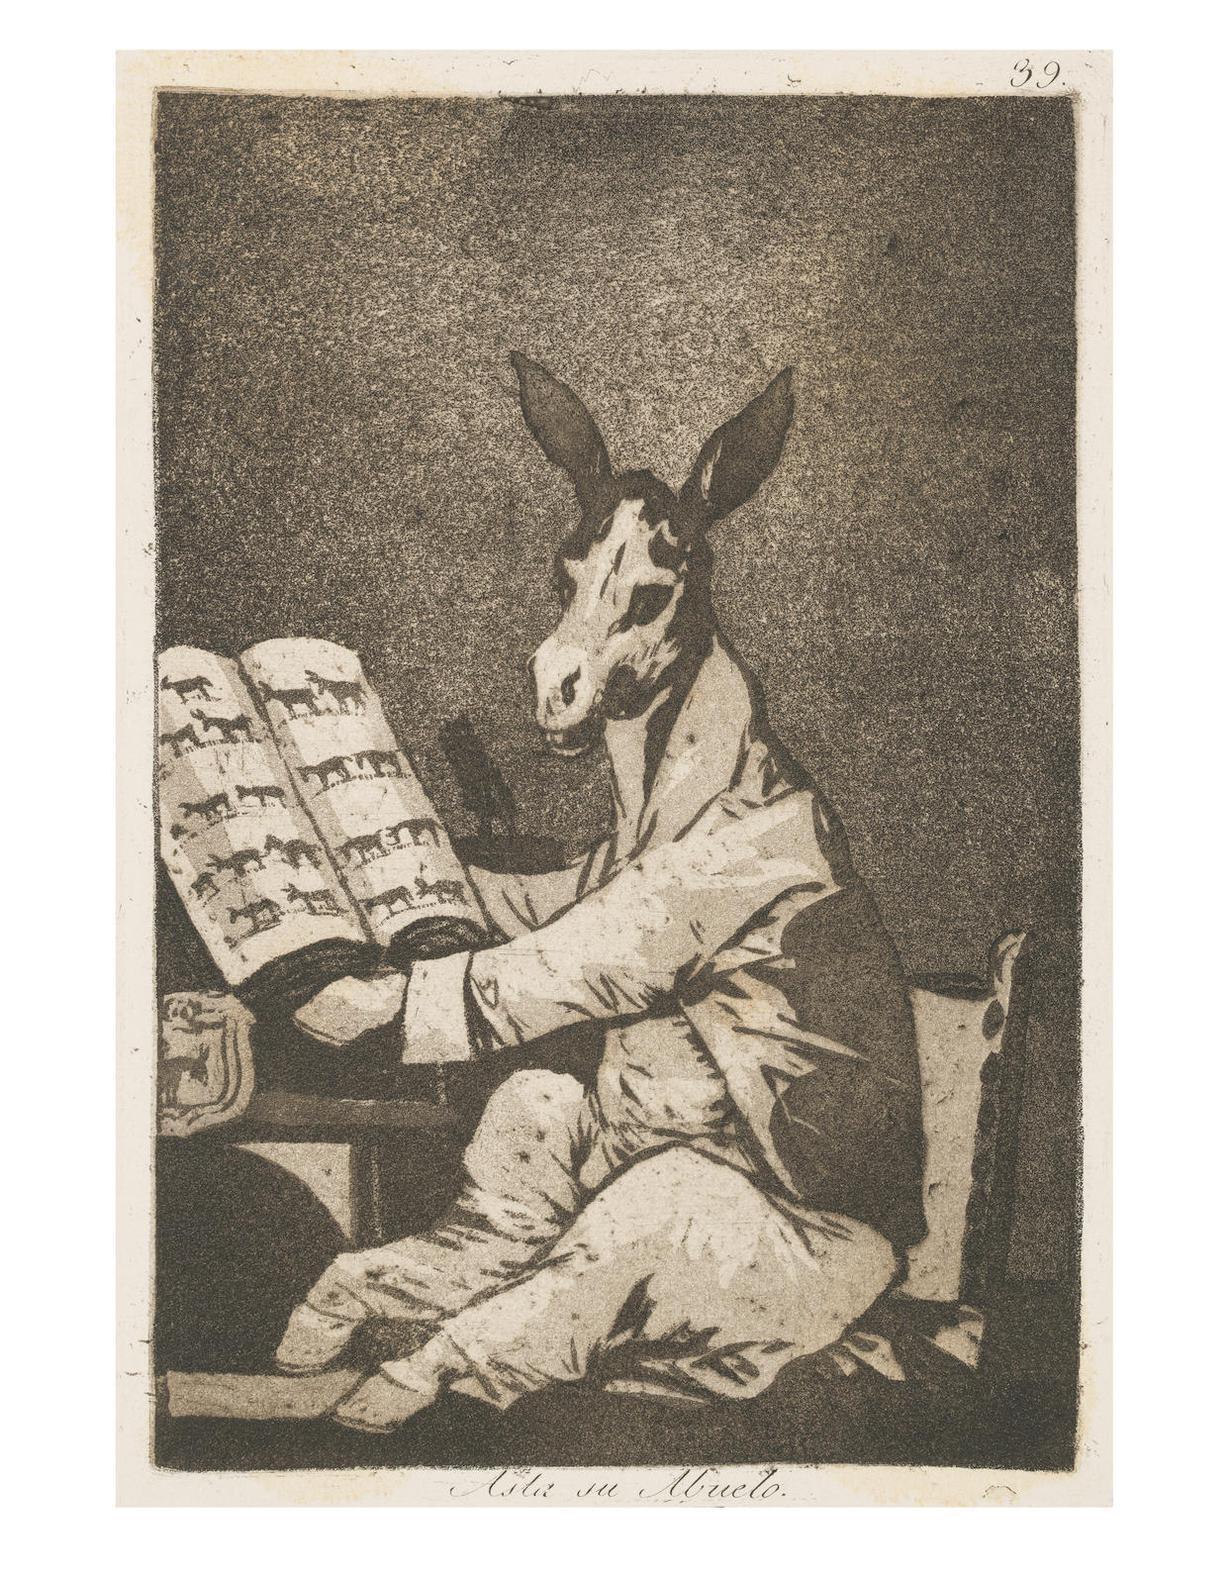 Francisco Jose de Goya y Lucientes - Los Caprichos-1799